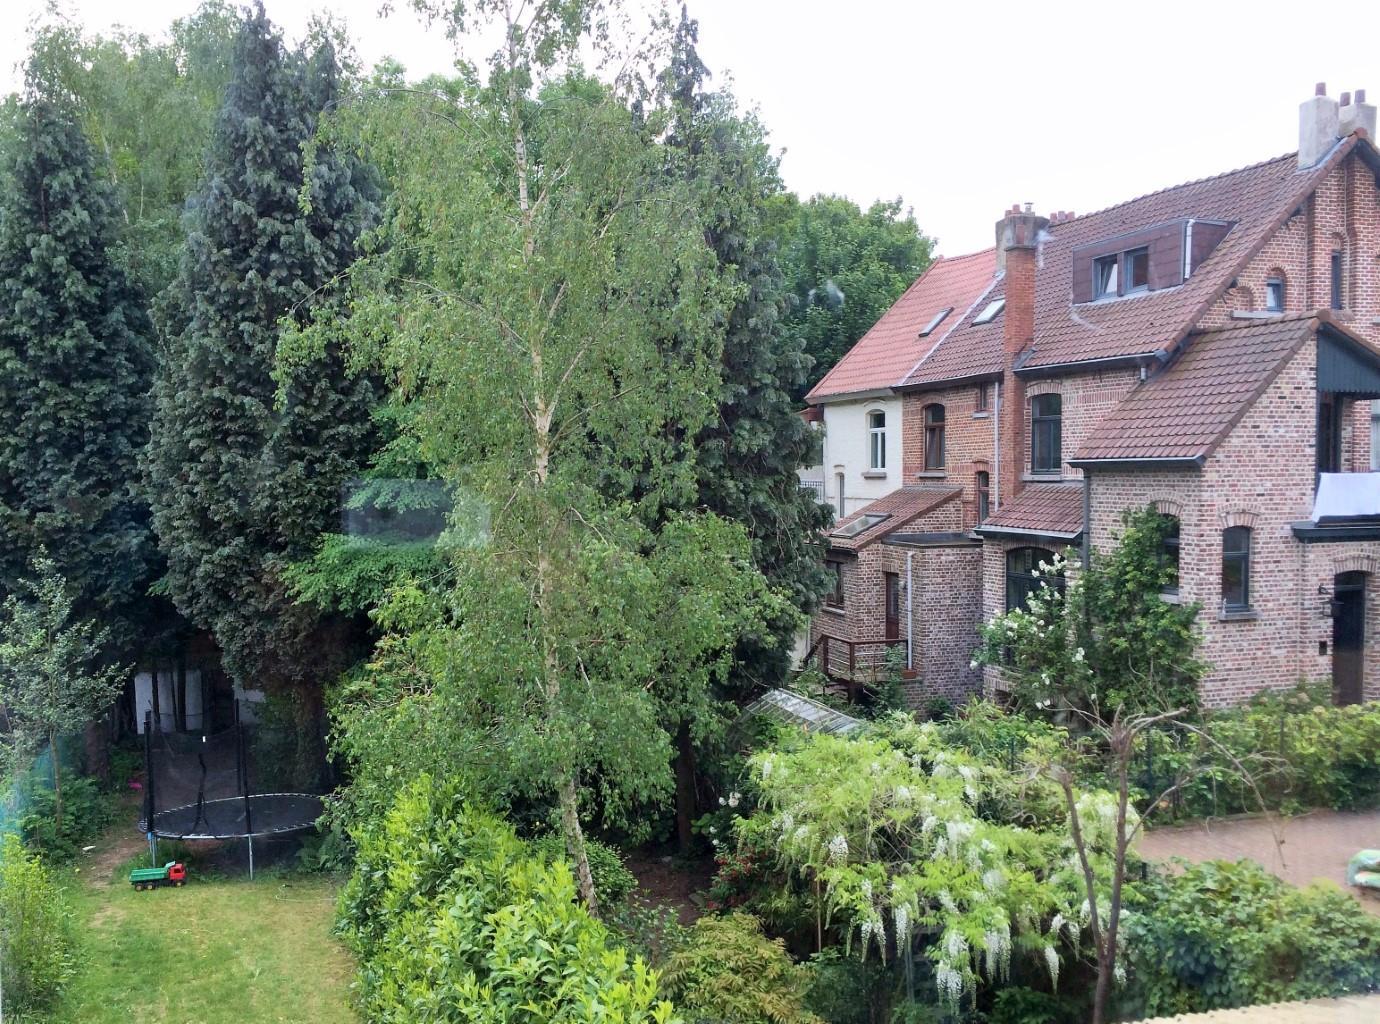 Maison - Woluwe-Saint-Pierre - #2691149-12